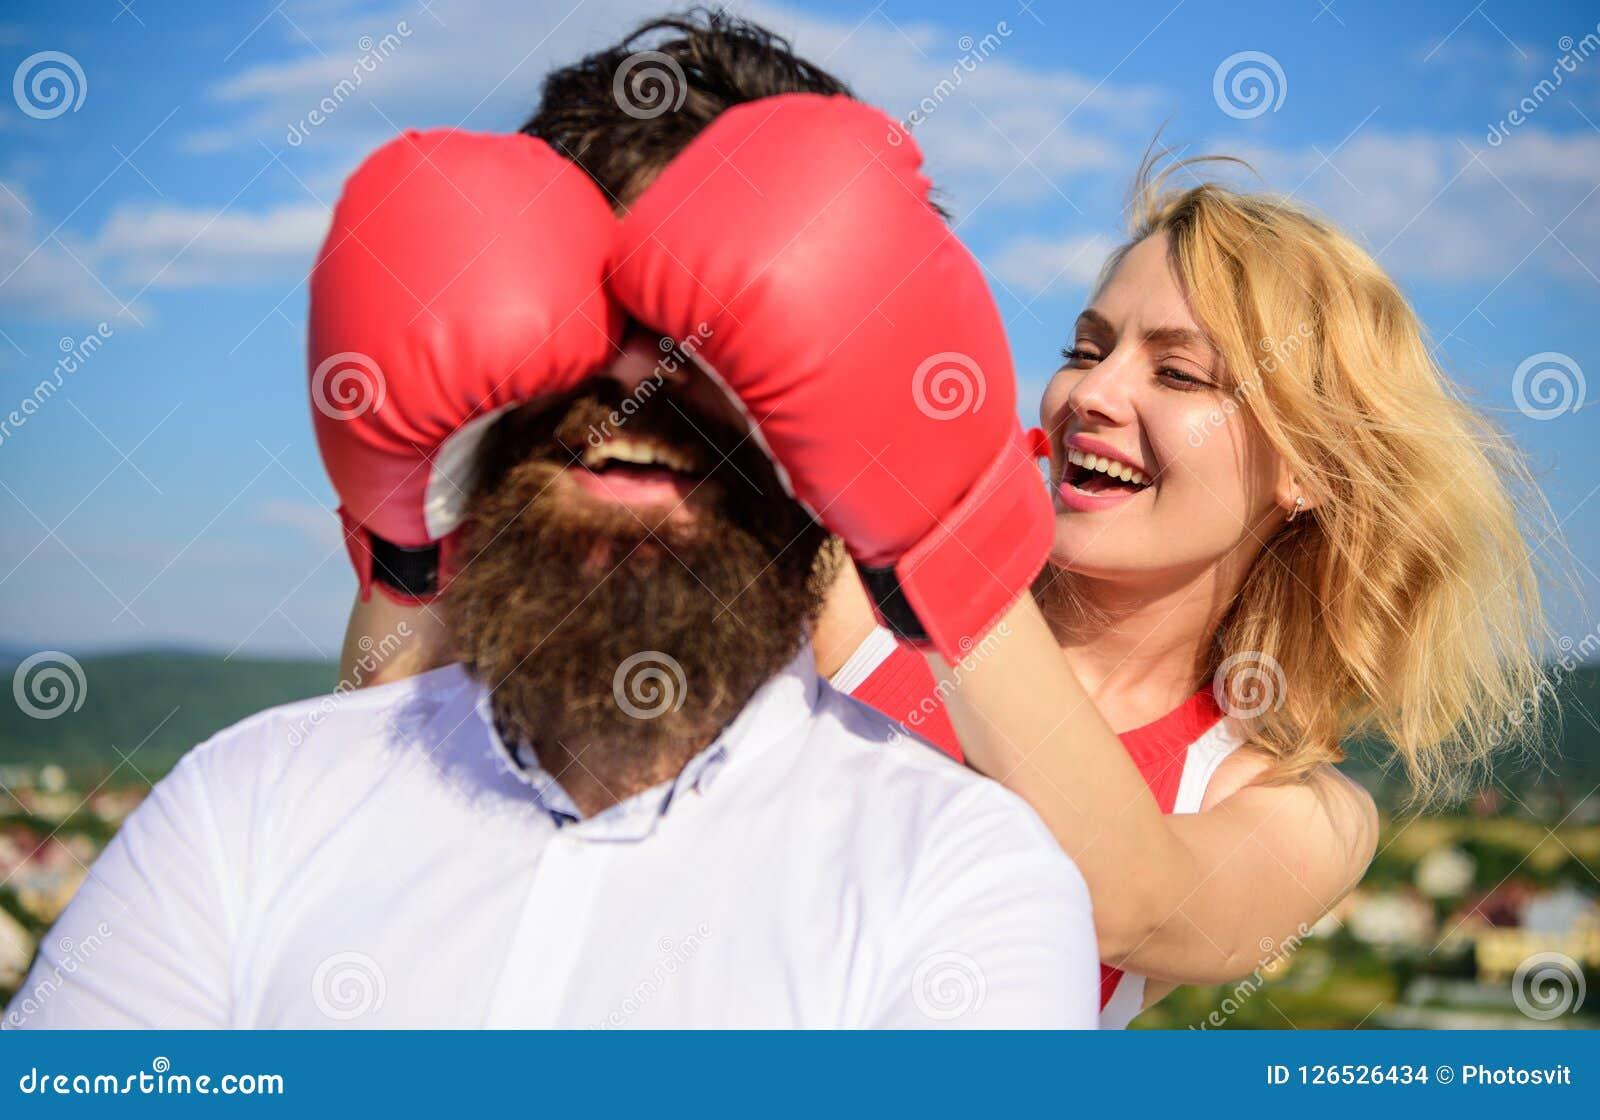 Domysł który gra Powiązania gemowi lub walka Przerw reguły sukces I bawić się zabawę Kantuje każdy kobiety potrzebuje znać